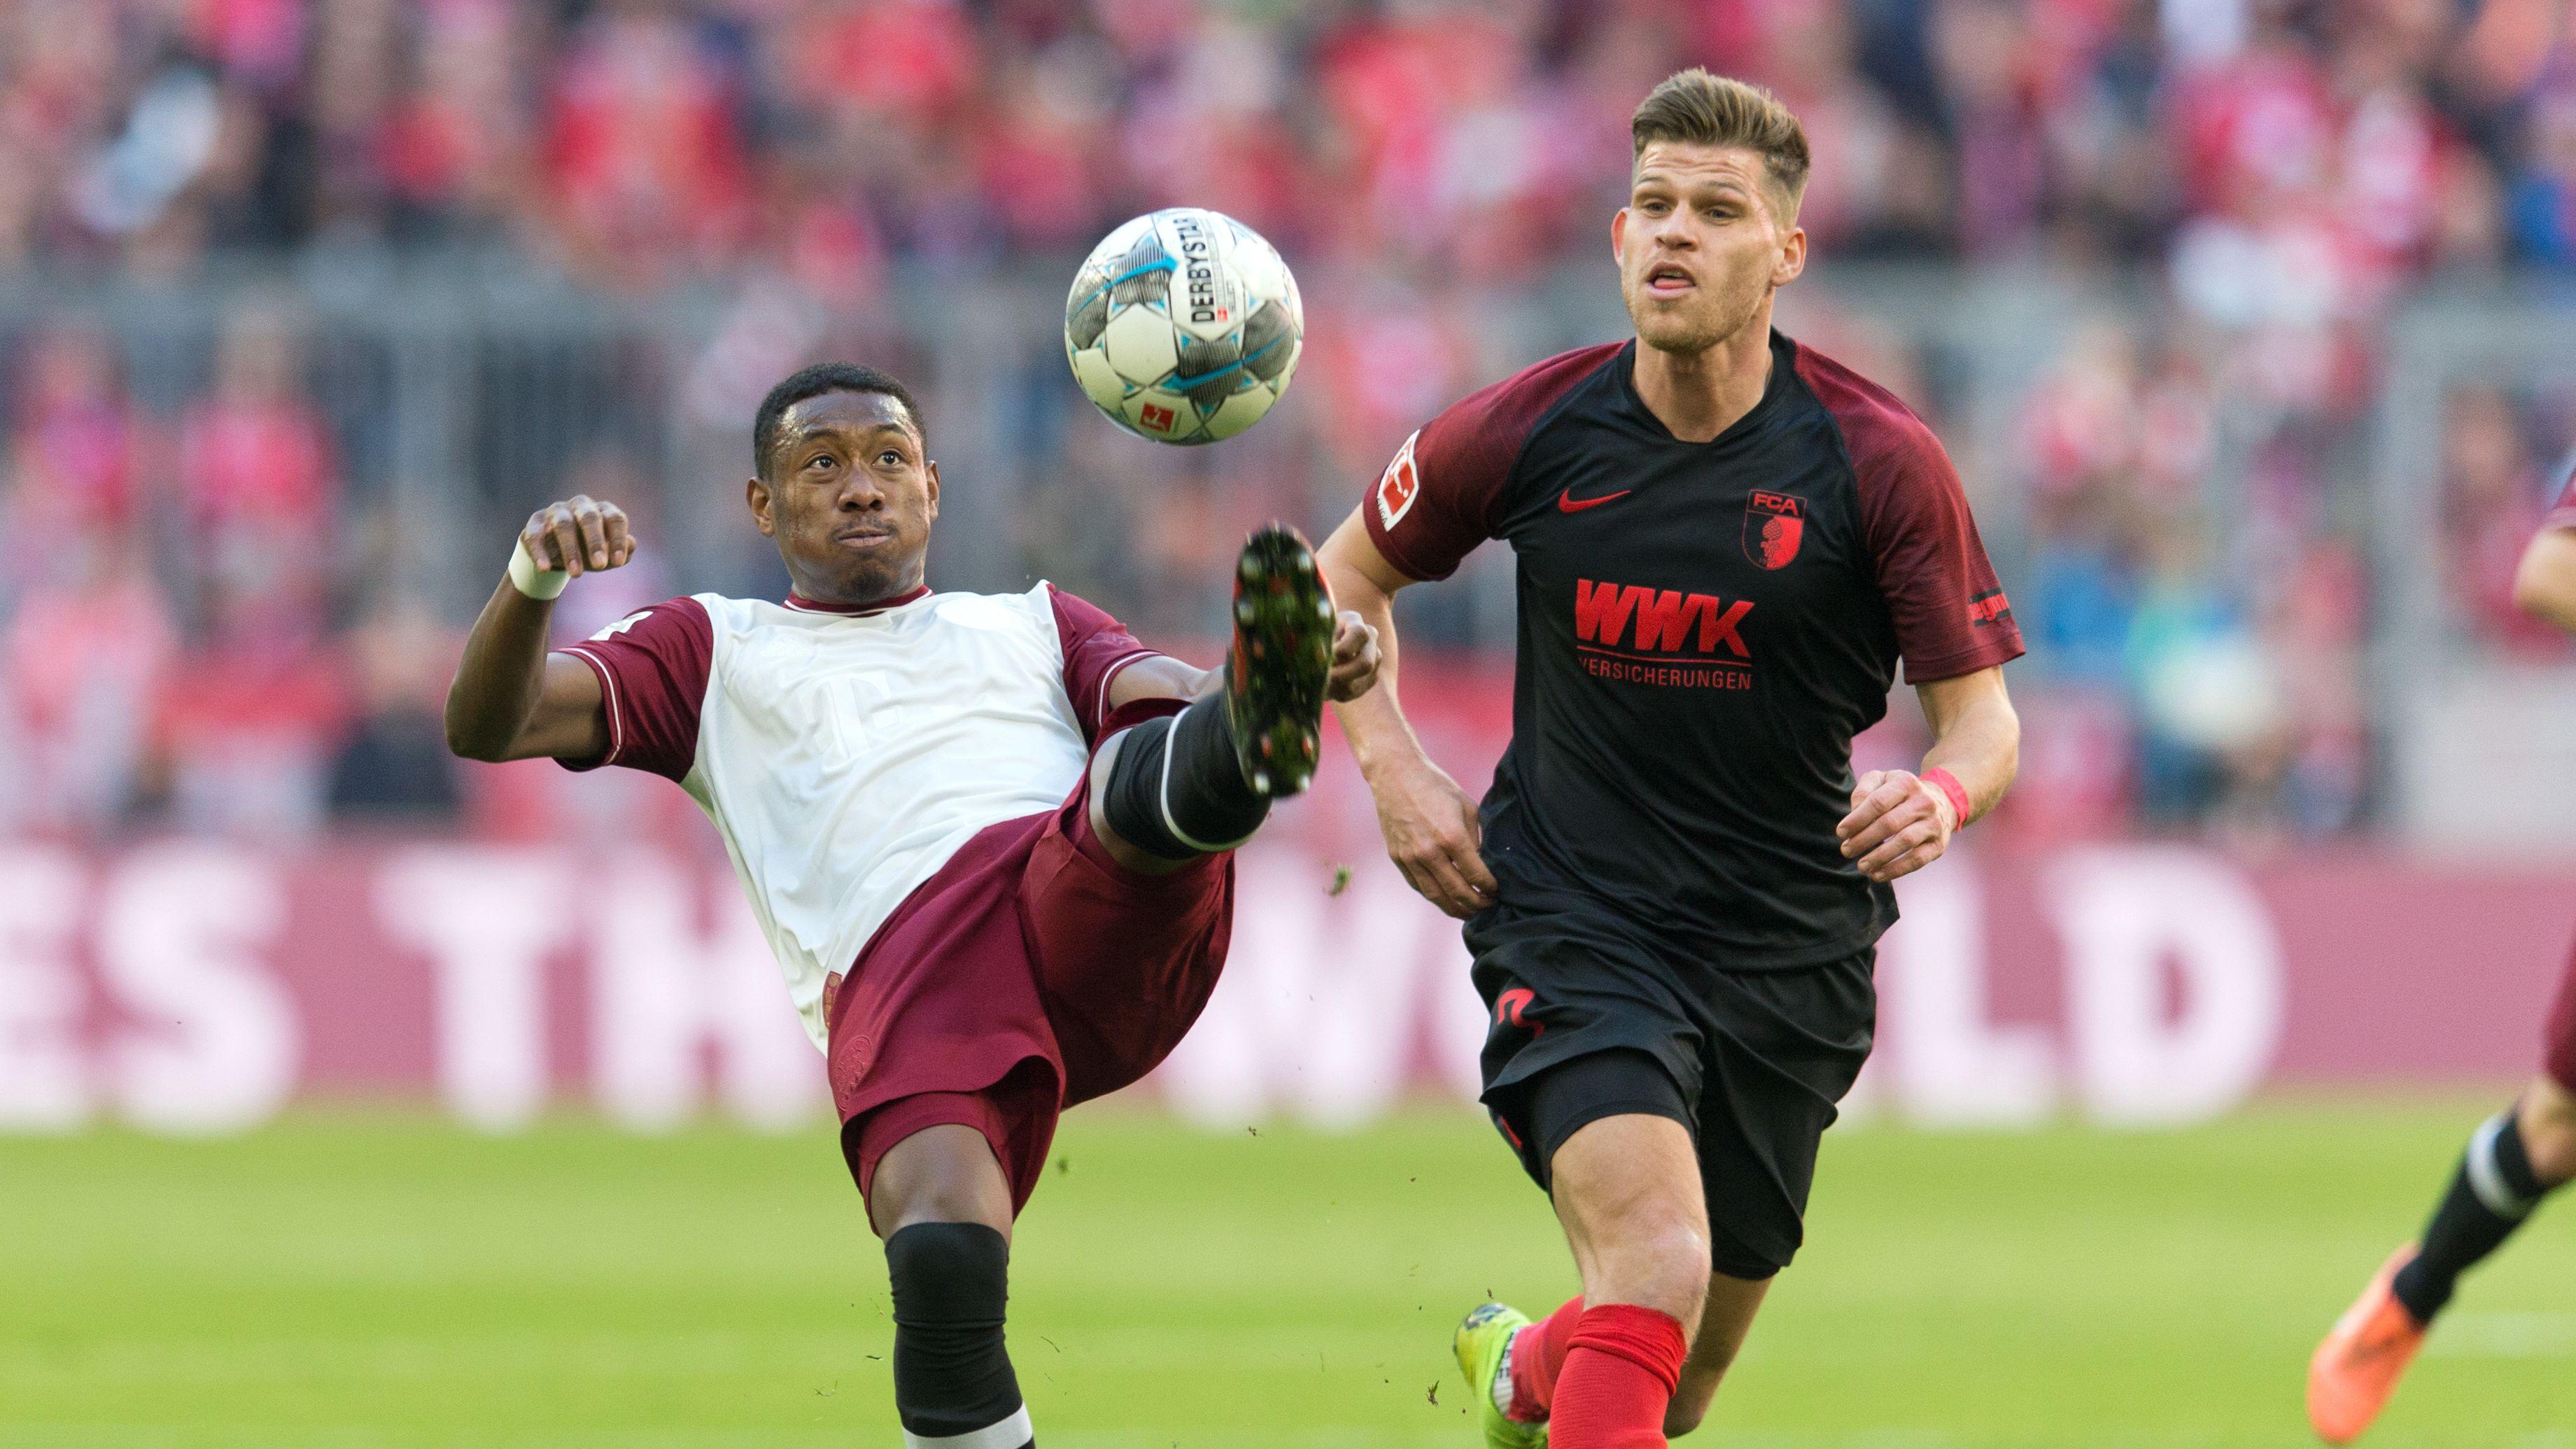 Bayern-Profi David Alaba im Zweikampf mit Augsburgs Florian Niederlechner